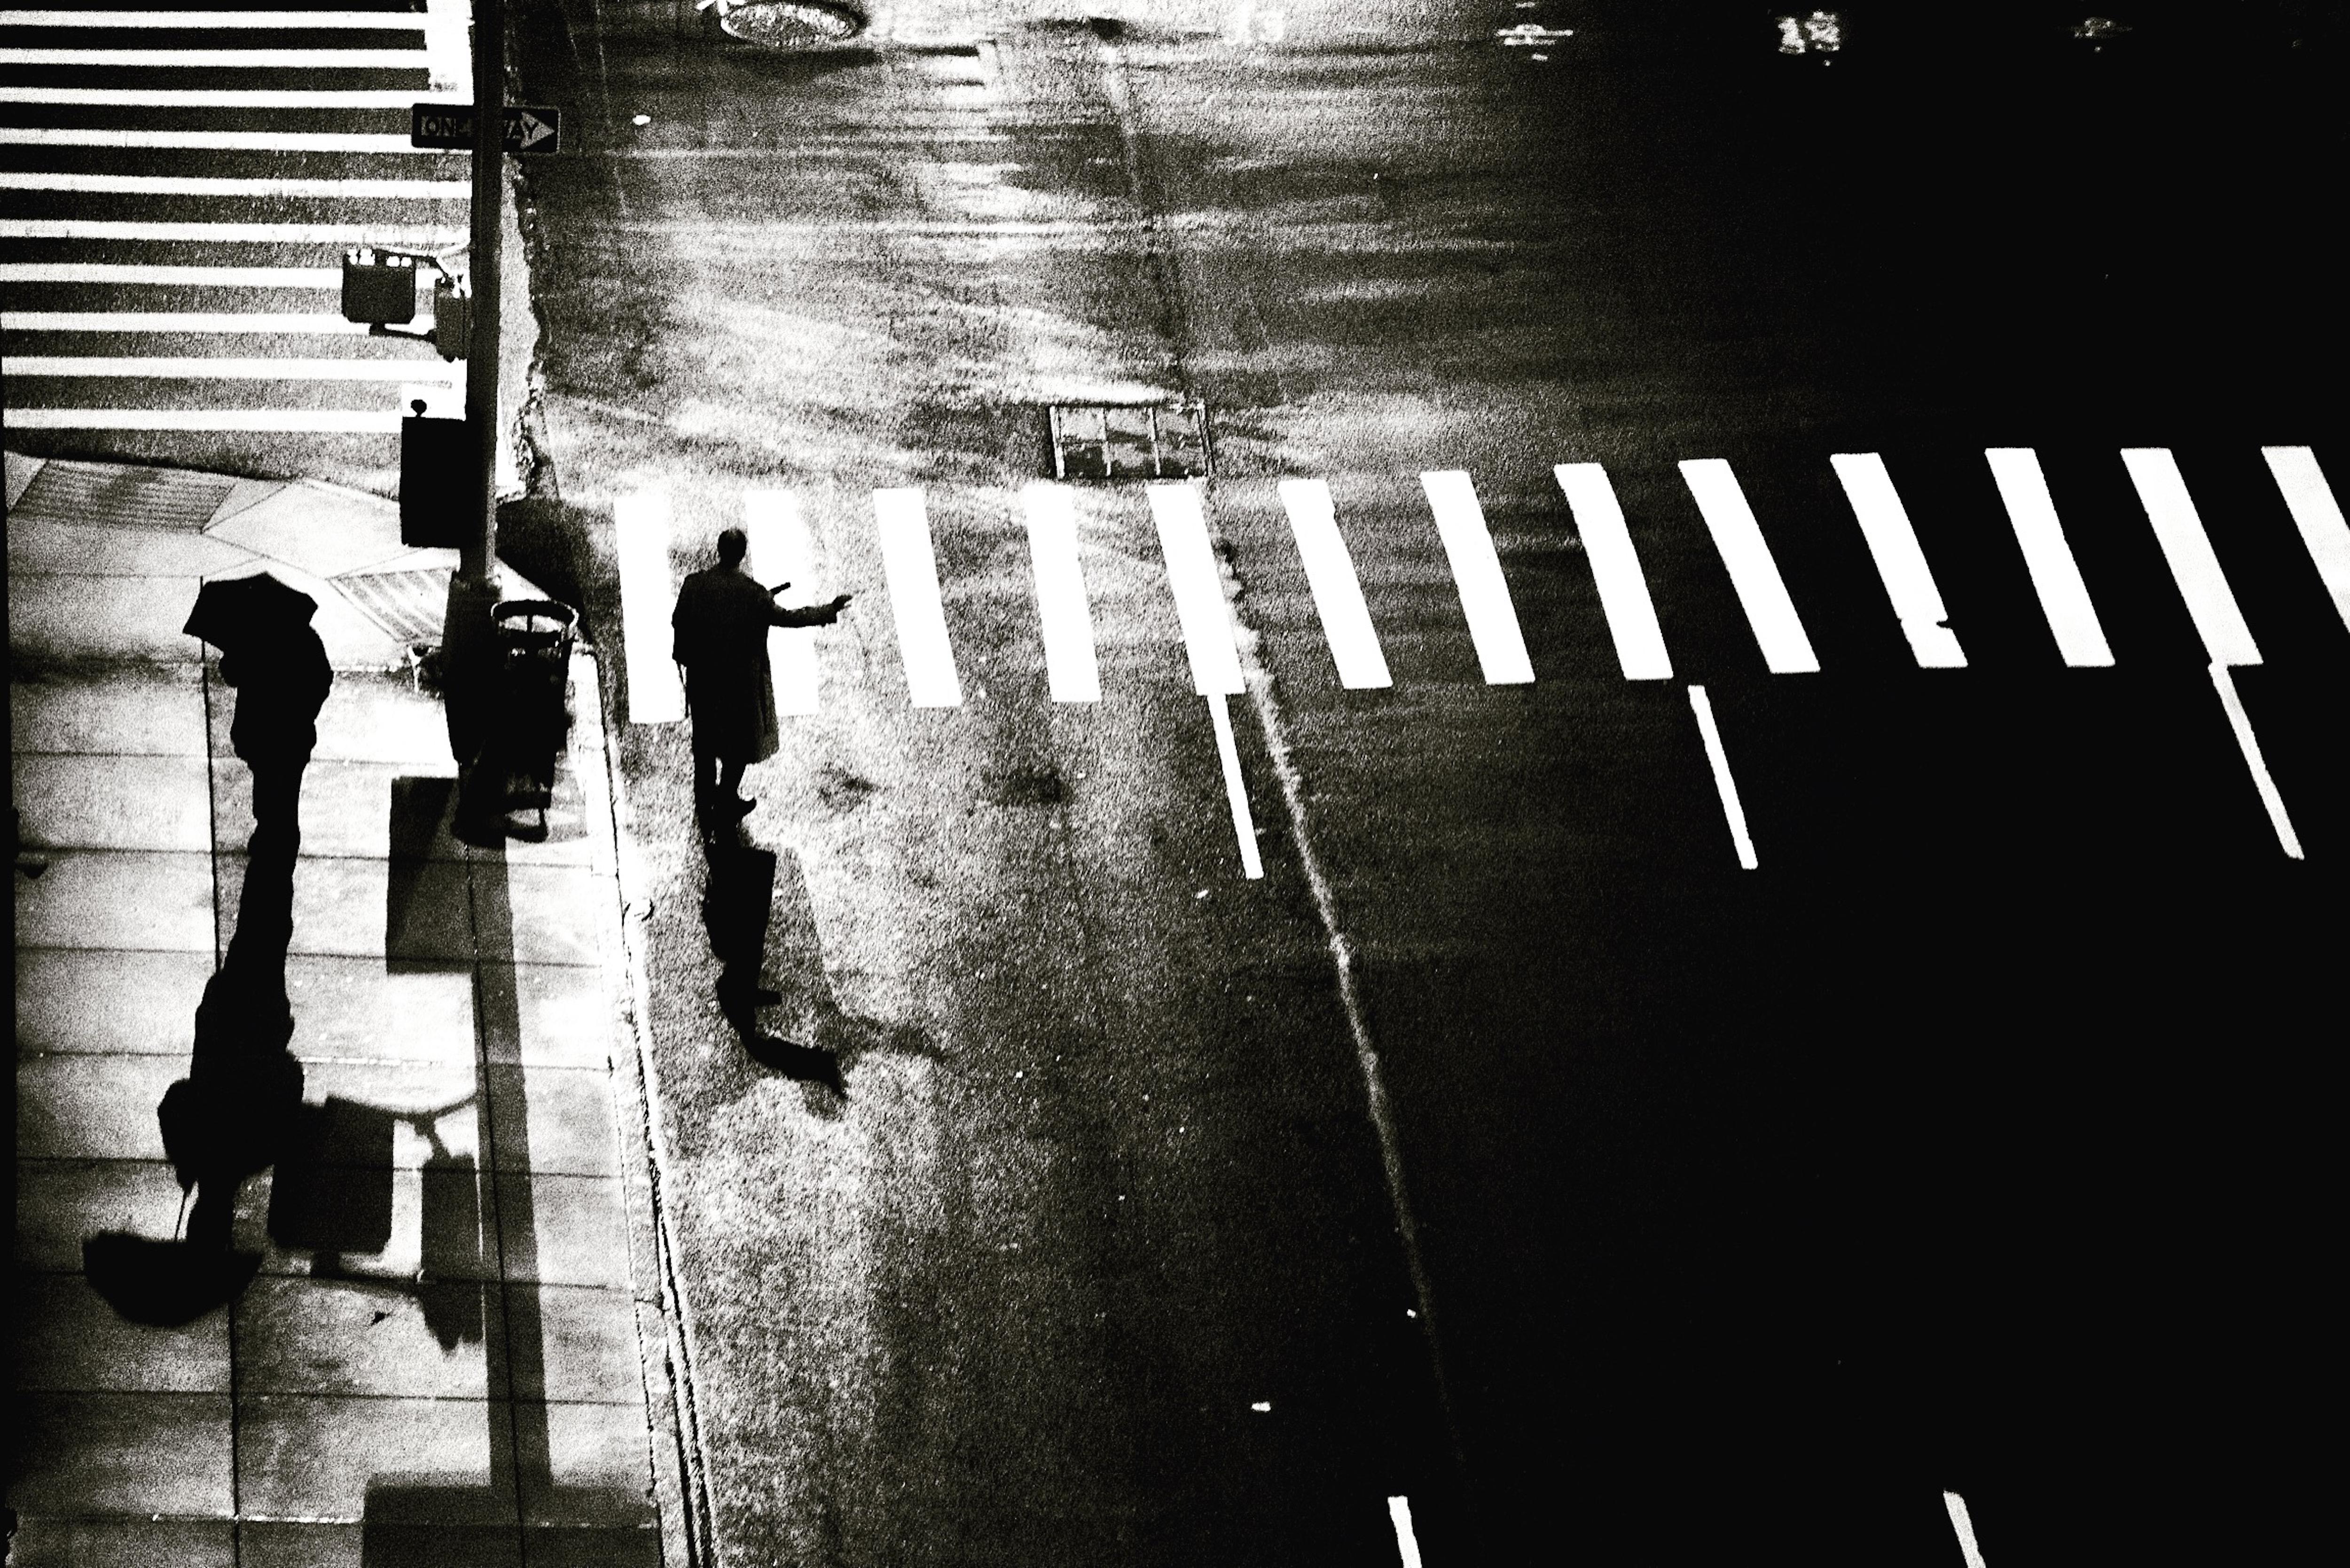 26 - Il pleut sur Manhattan JL Rollier